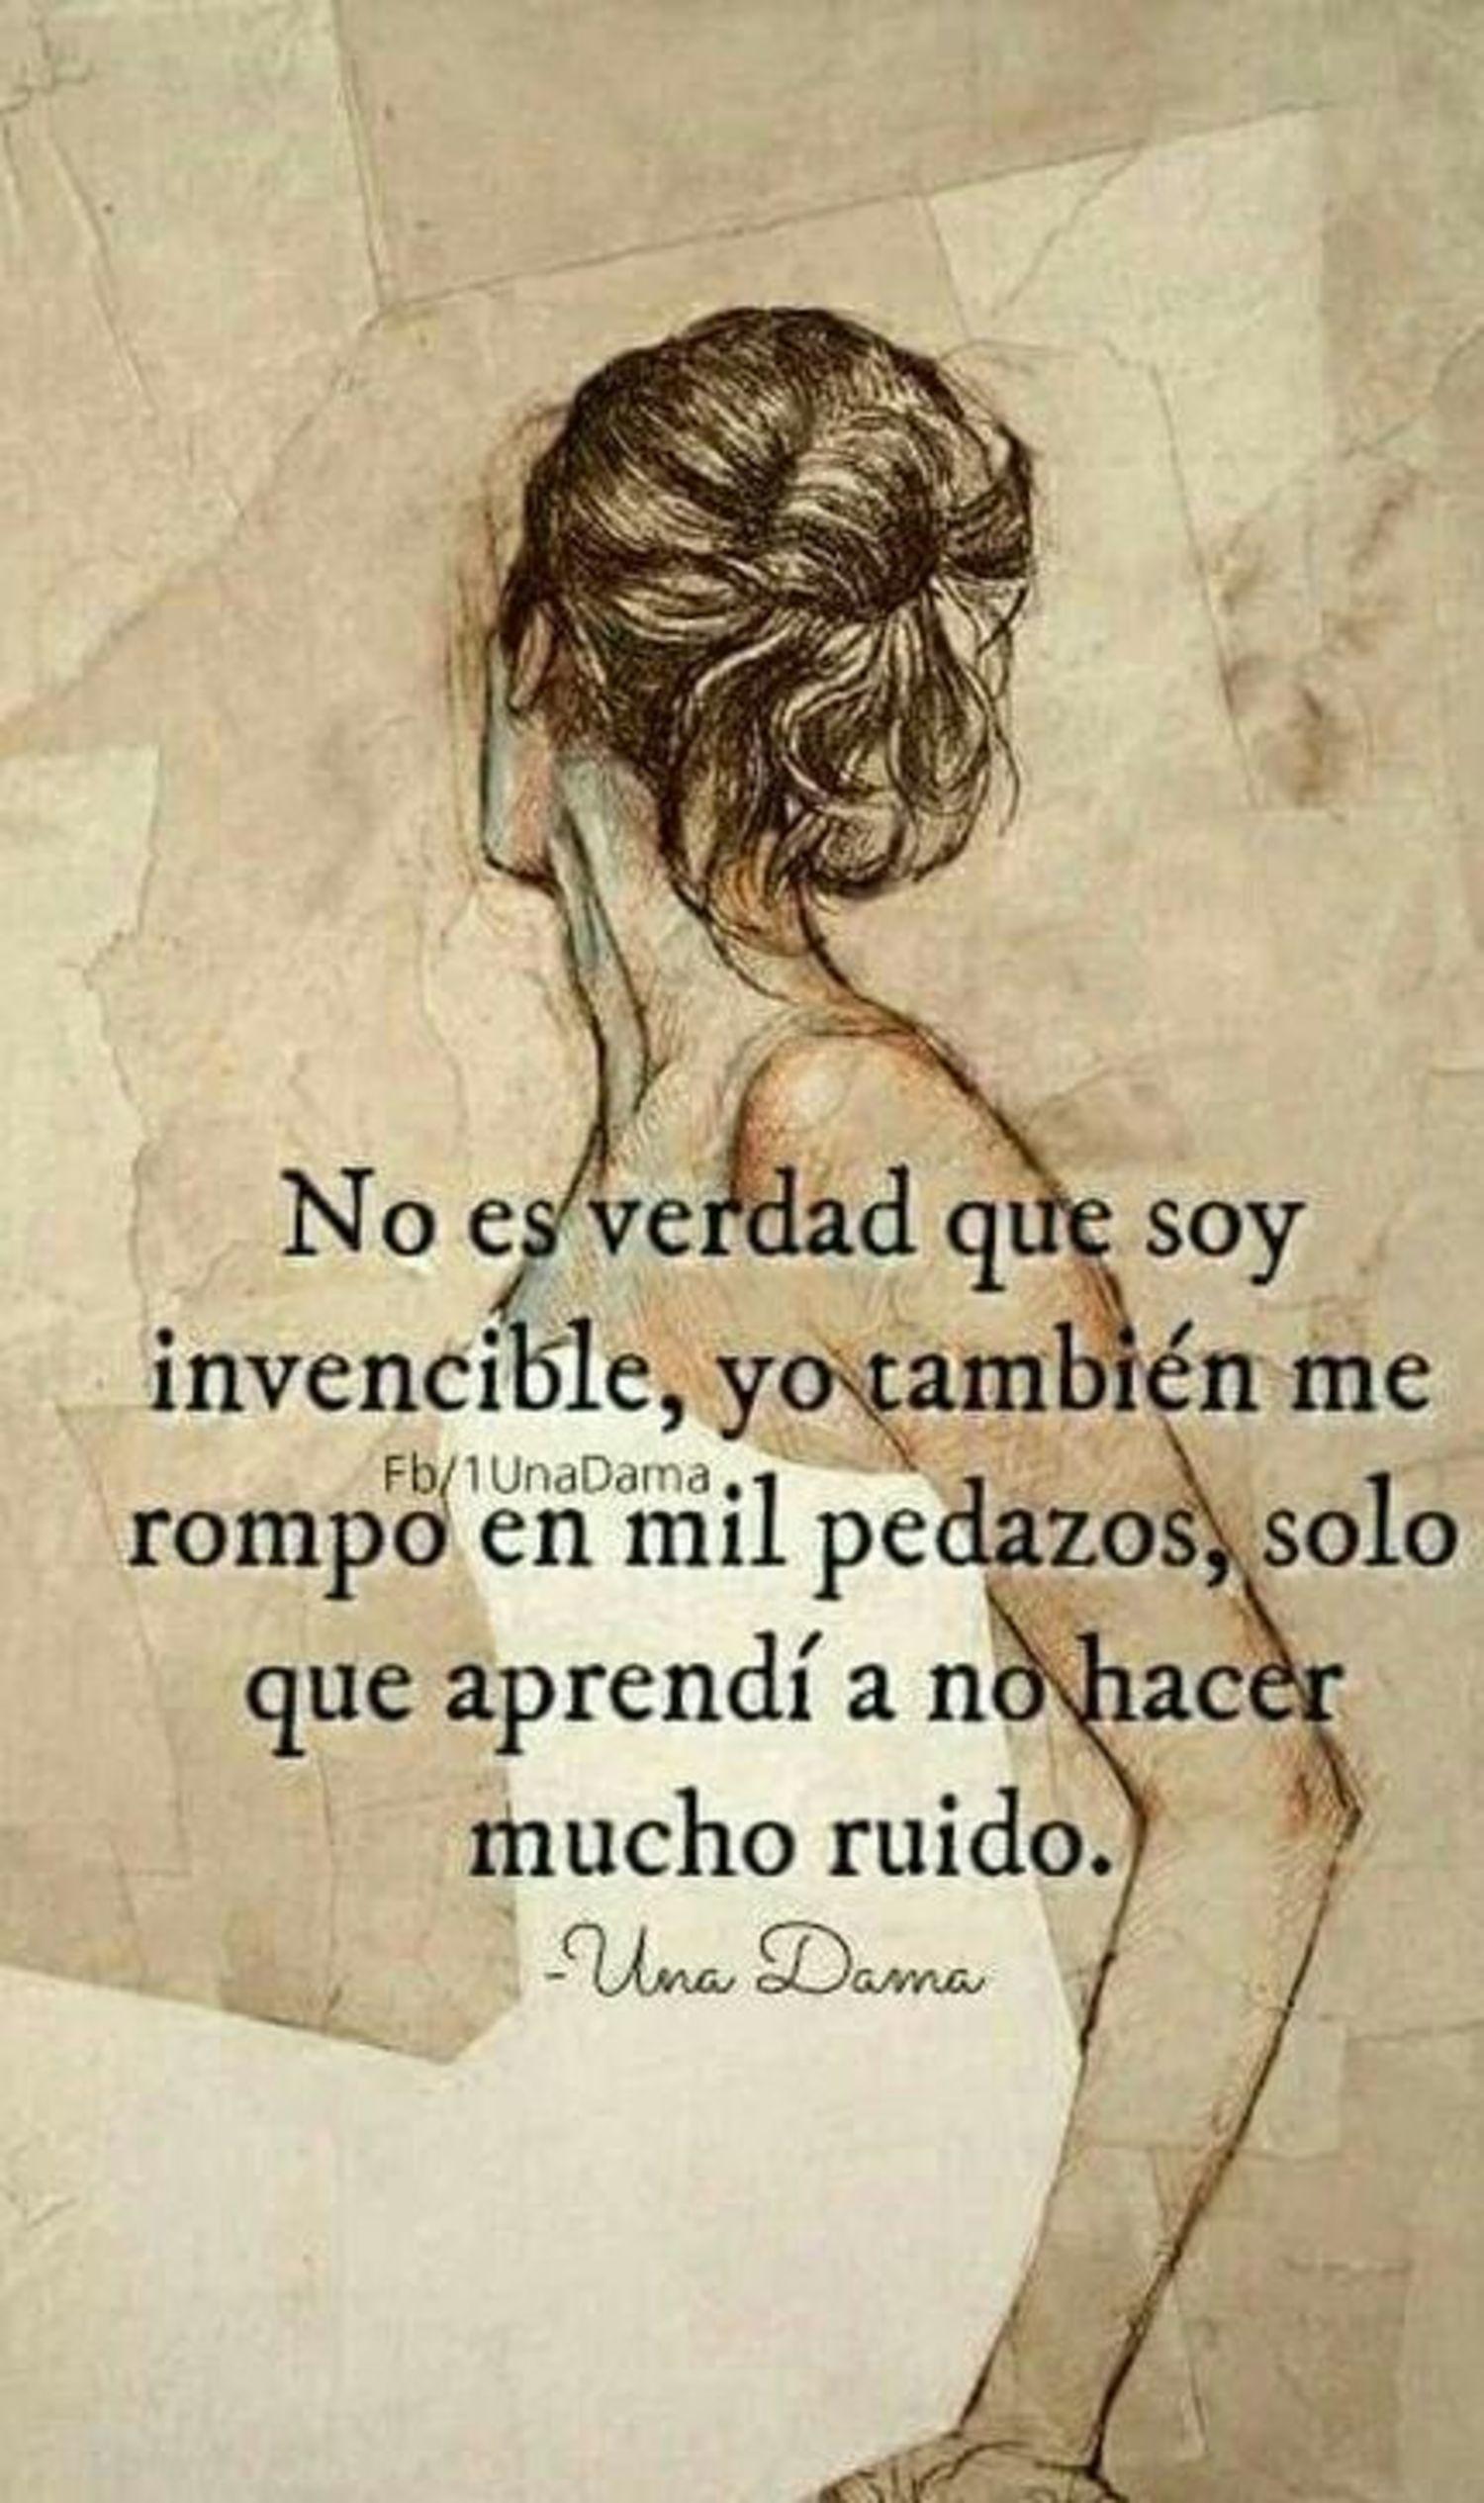 No es verdad que soy invencible, yo también me rompo en mil pezados, solo que aprendi a no hacer mucho ruido.